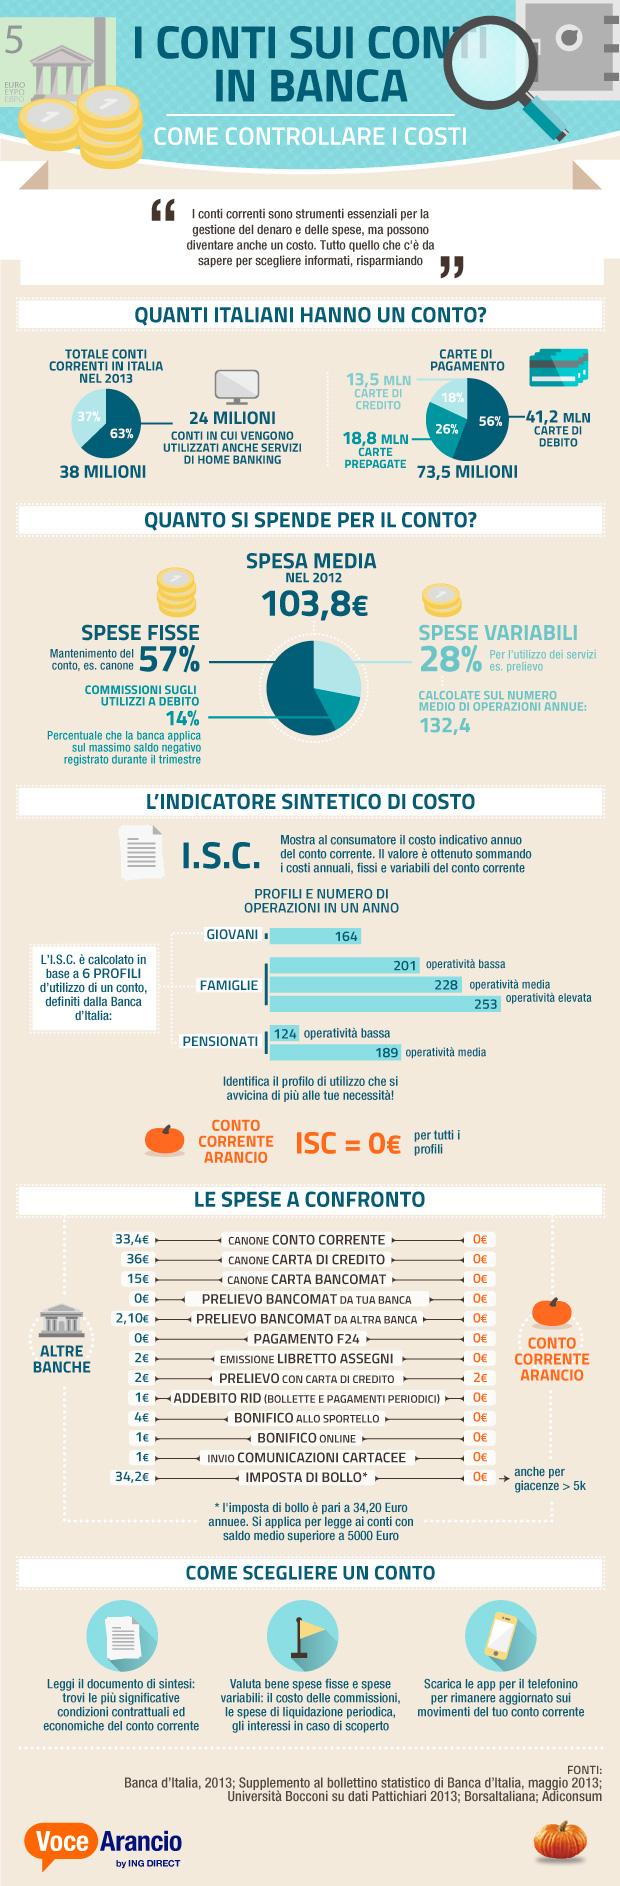 17ING_Conto-corrente3_0521_04 (1)